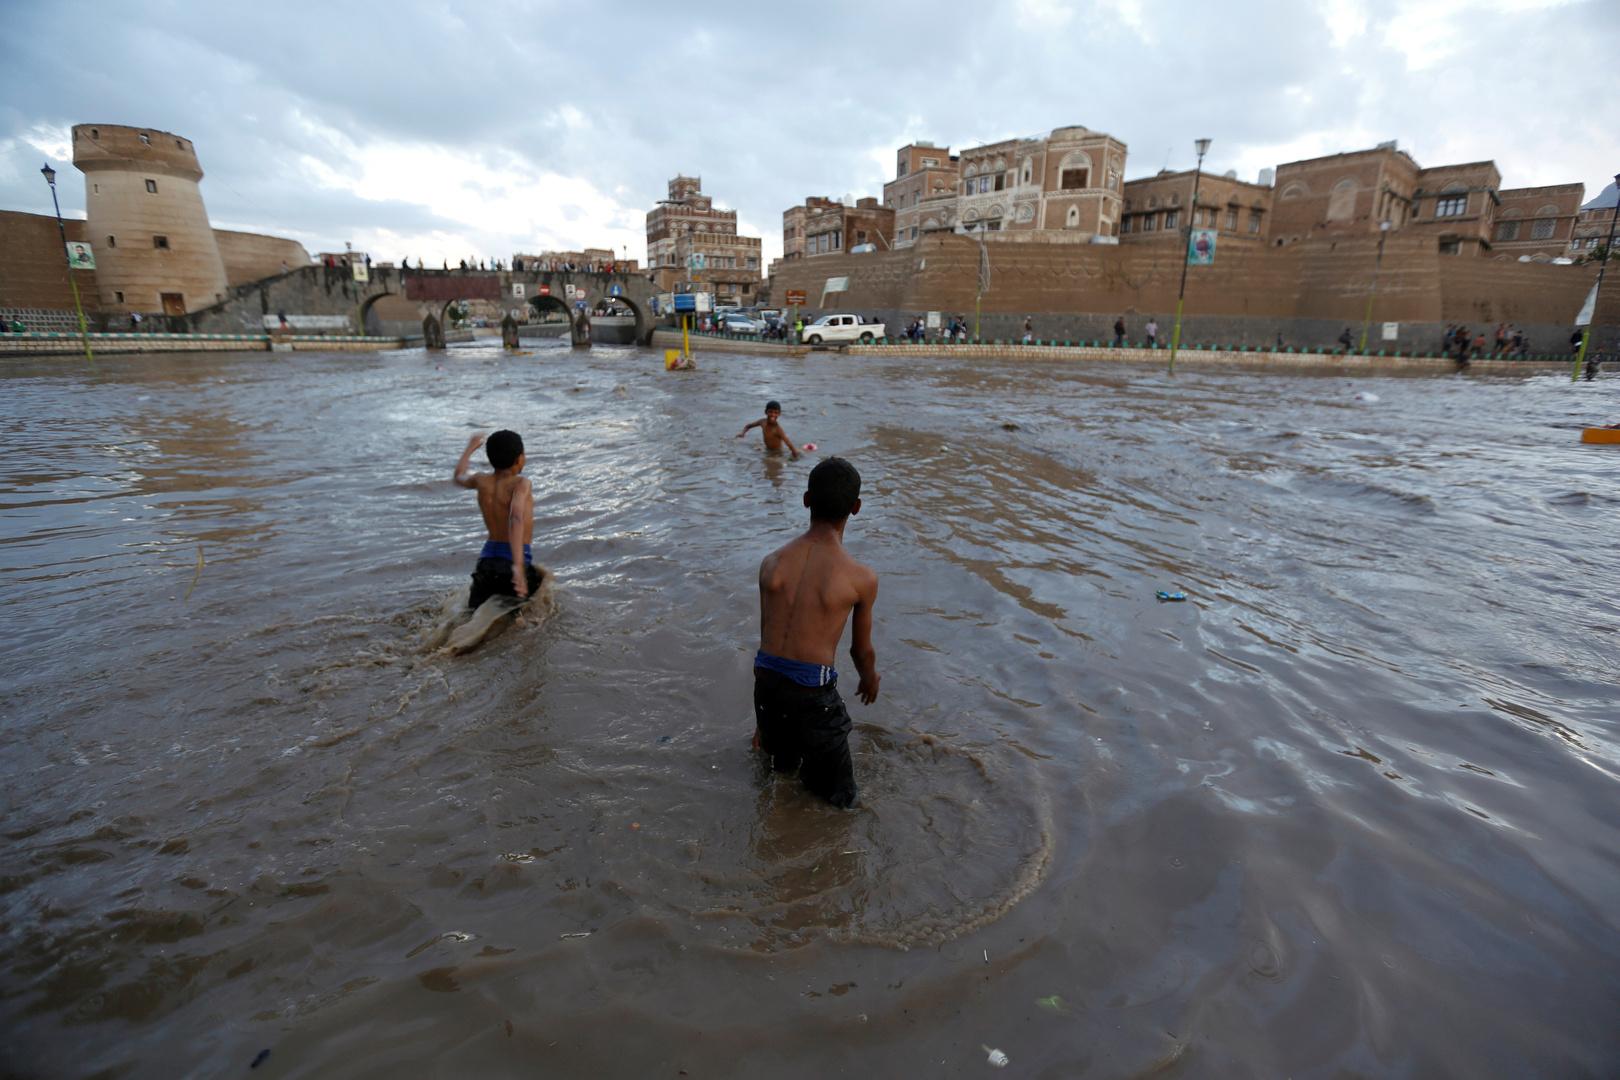 مصادر محلية: 13 قتيلا بينهم طفلان جراء فيضانات في اليمن